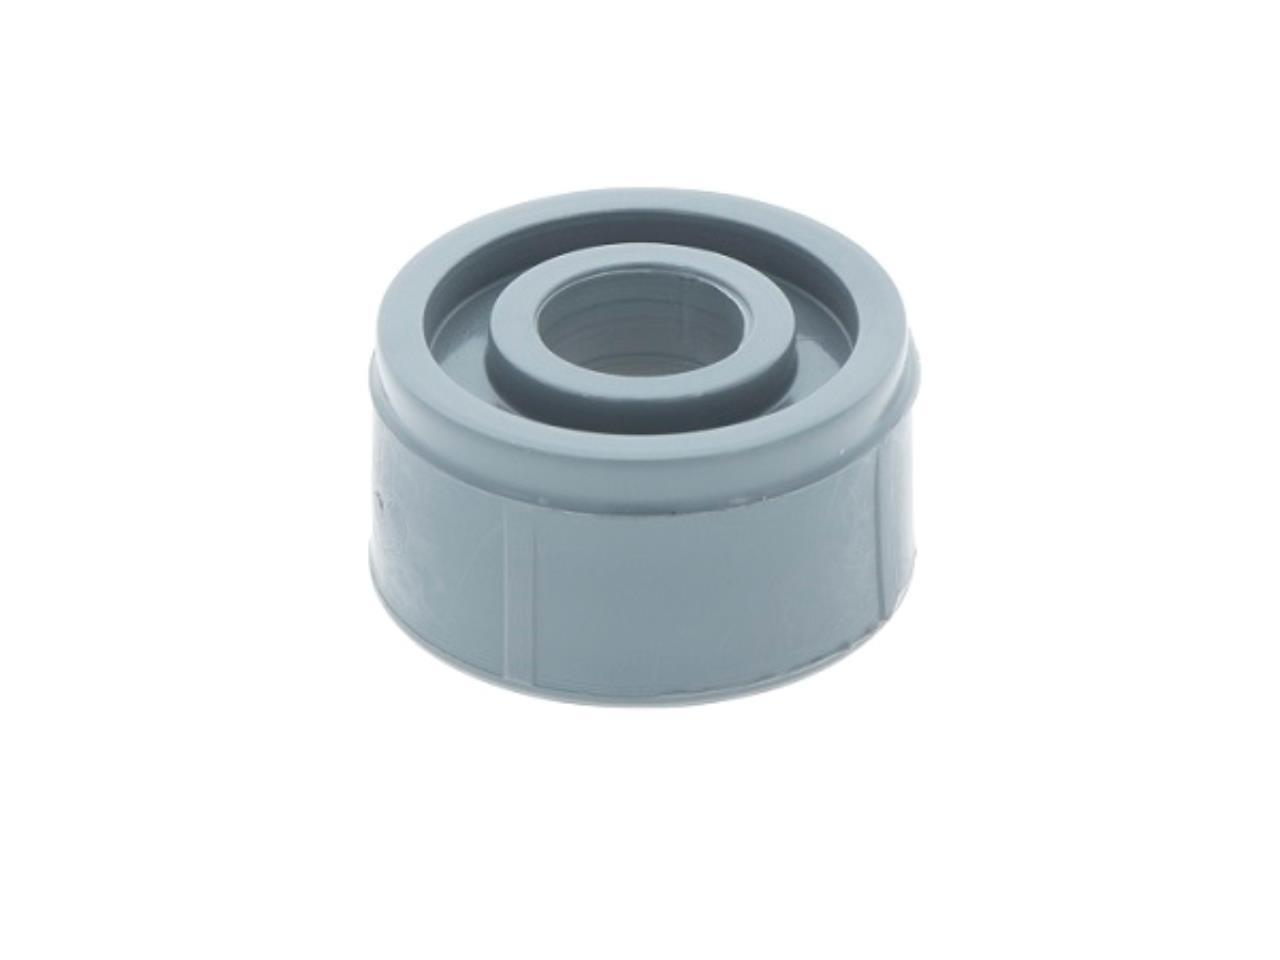 Husqvarna/Klippo nylonbøsning (grå)